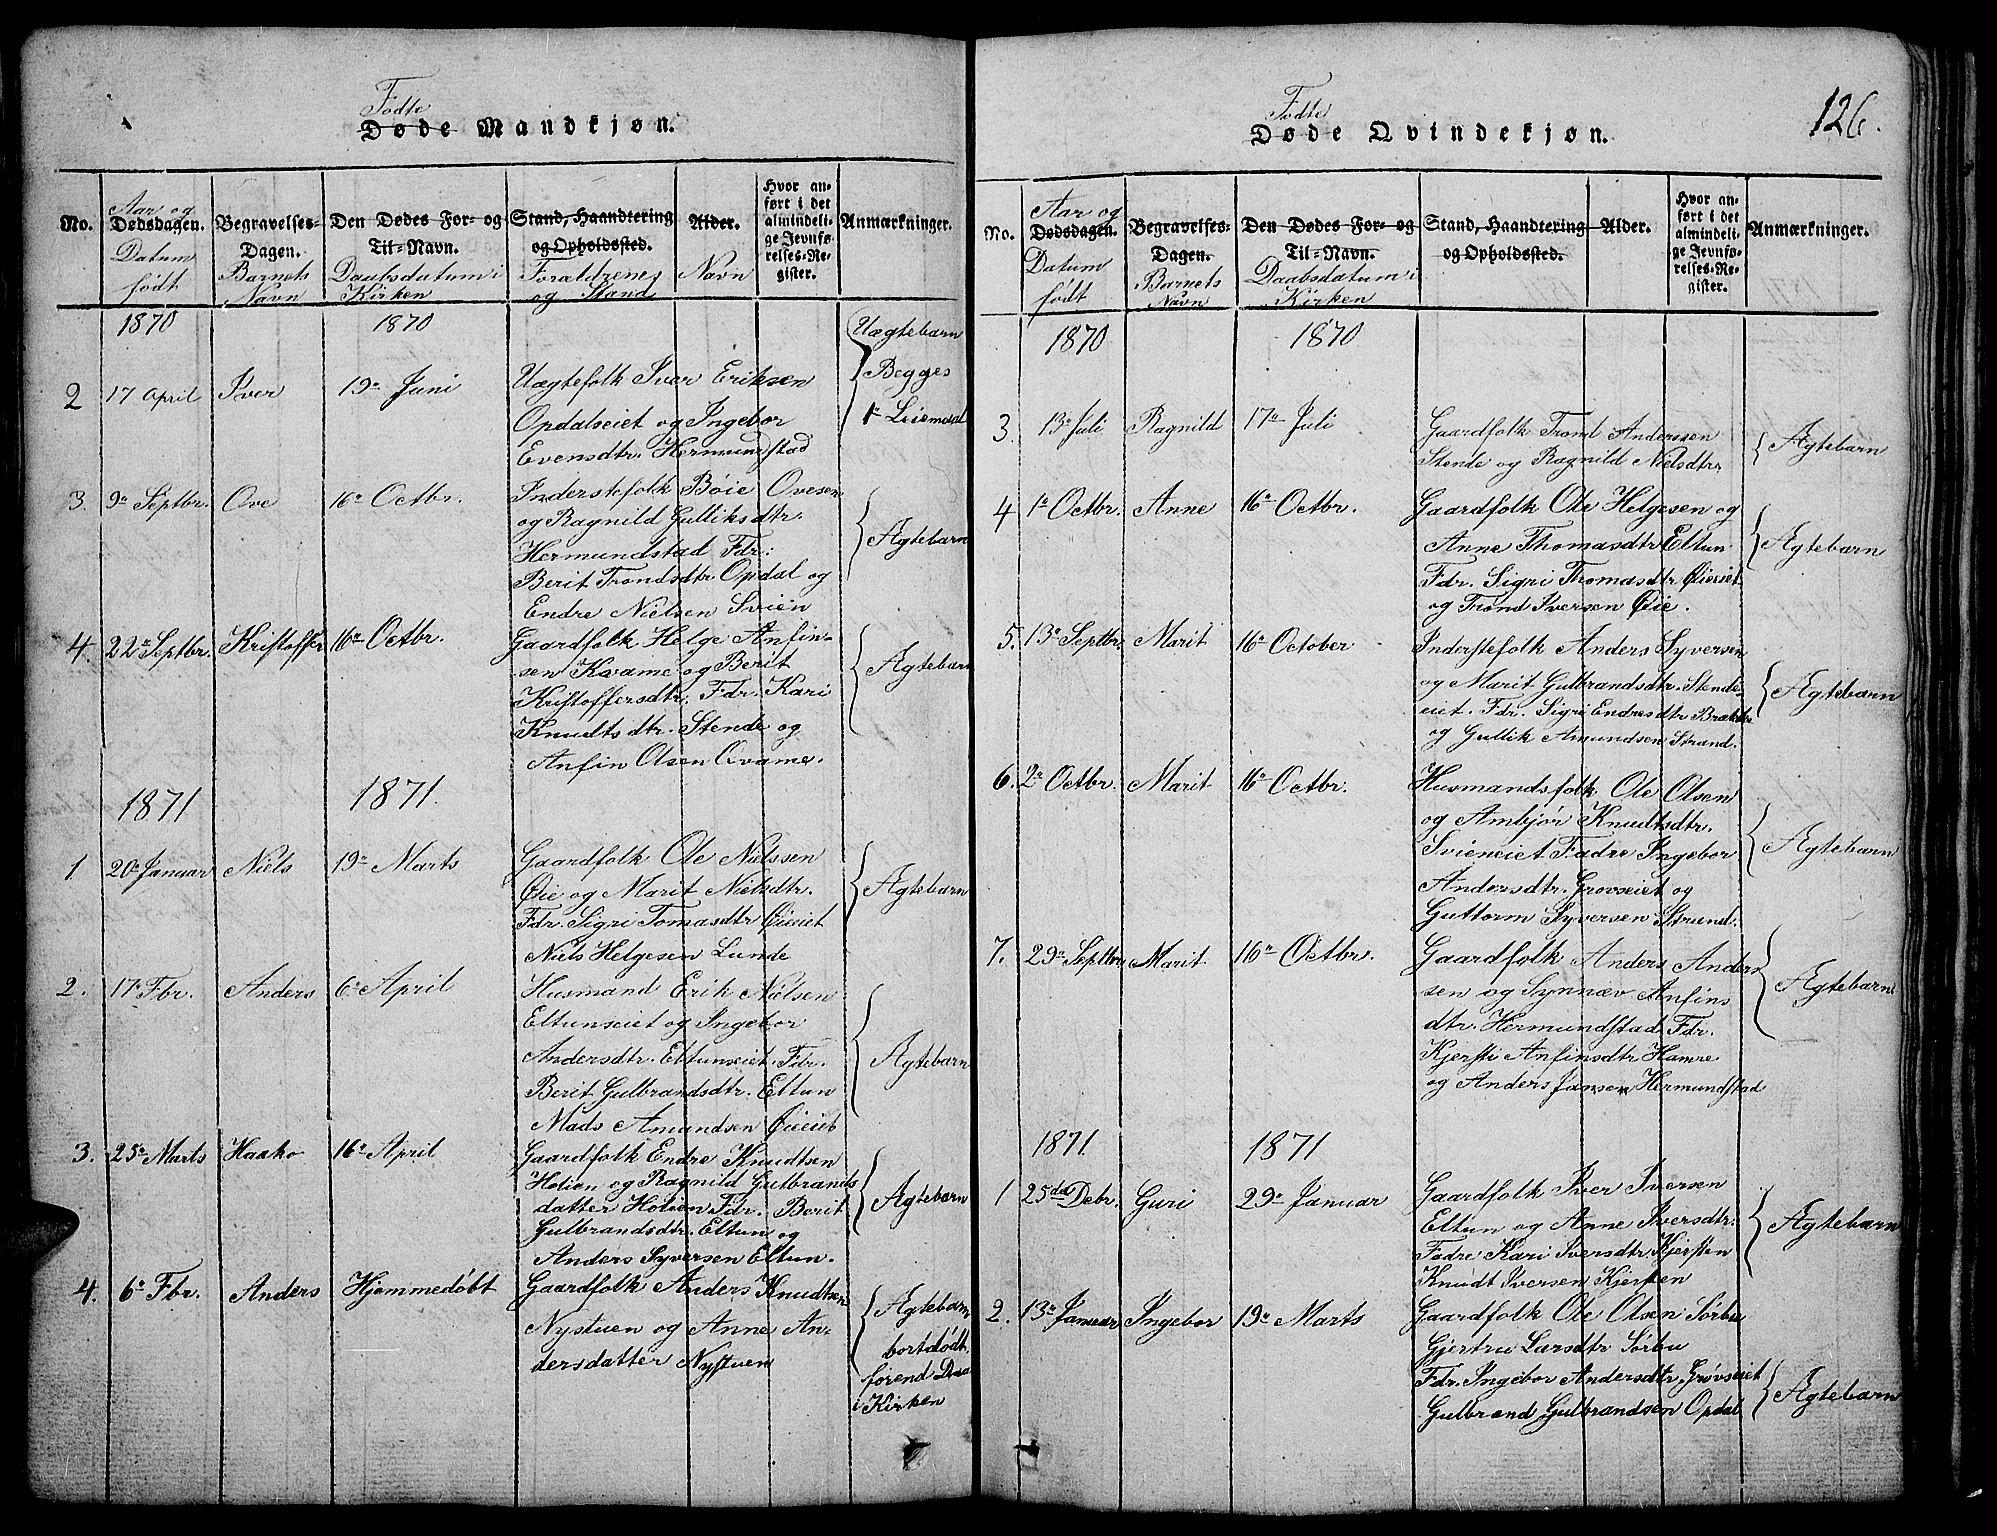 SAH, Vang prestekontor, Valdres, Klokkerbok nr. 2, 1814-1889, s. 126